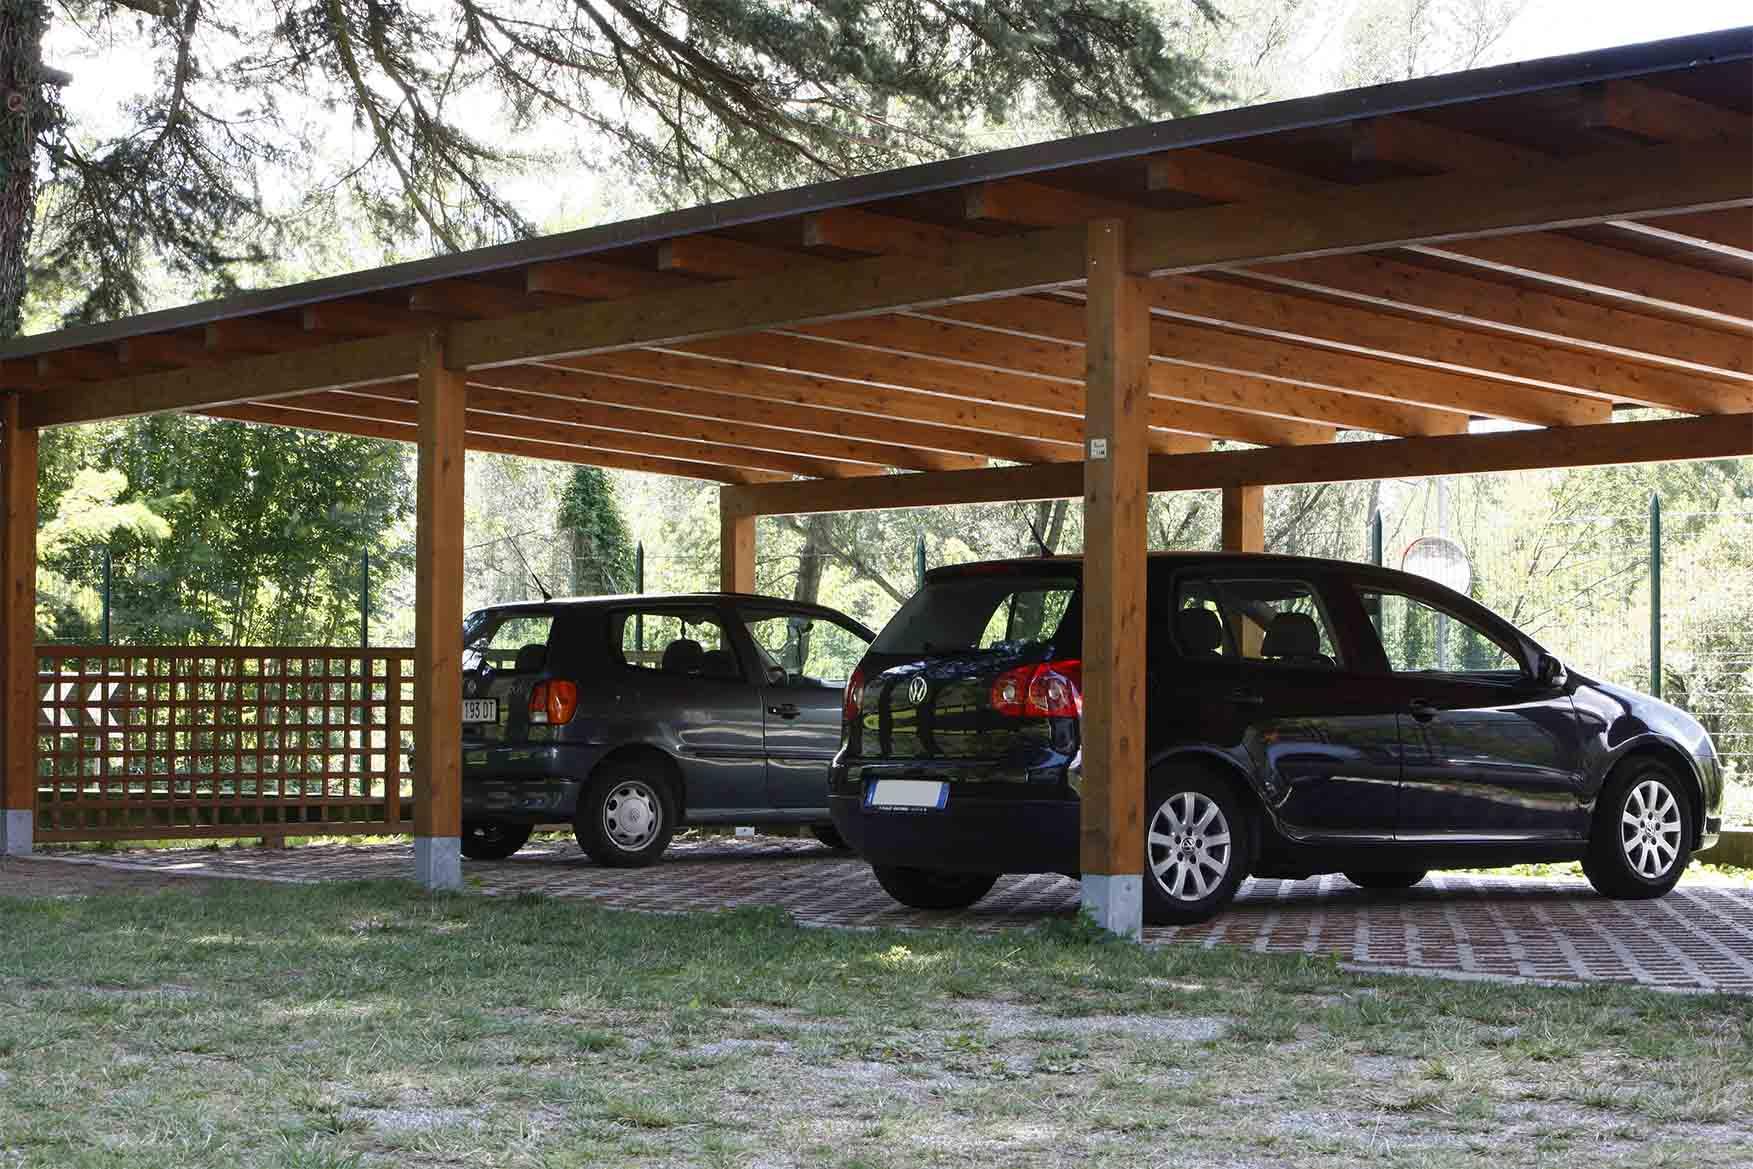 Tettoia carport in legno di pino nordico impregnato in autoclave realizzato da Linea Montanalegno - ILT